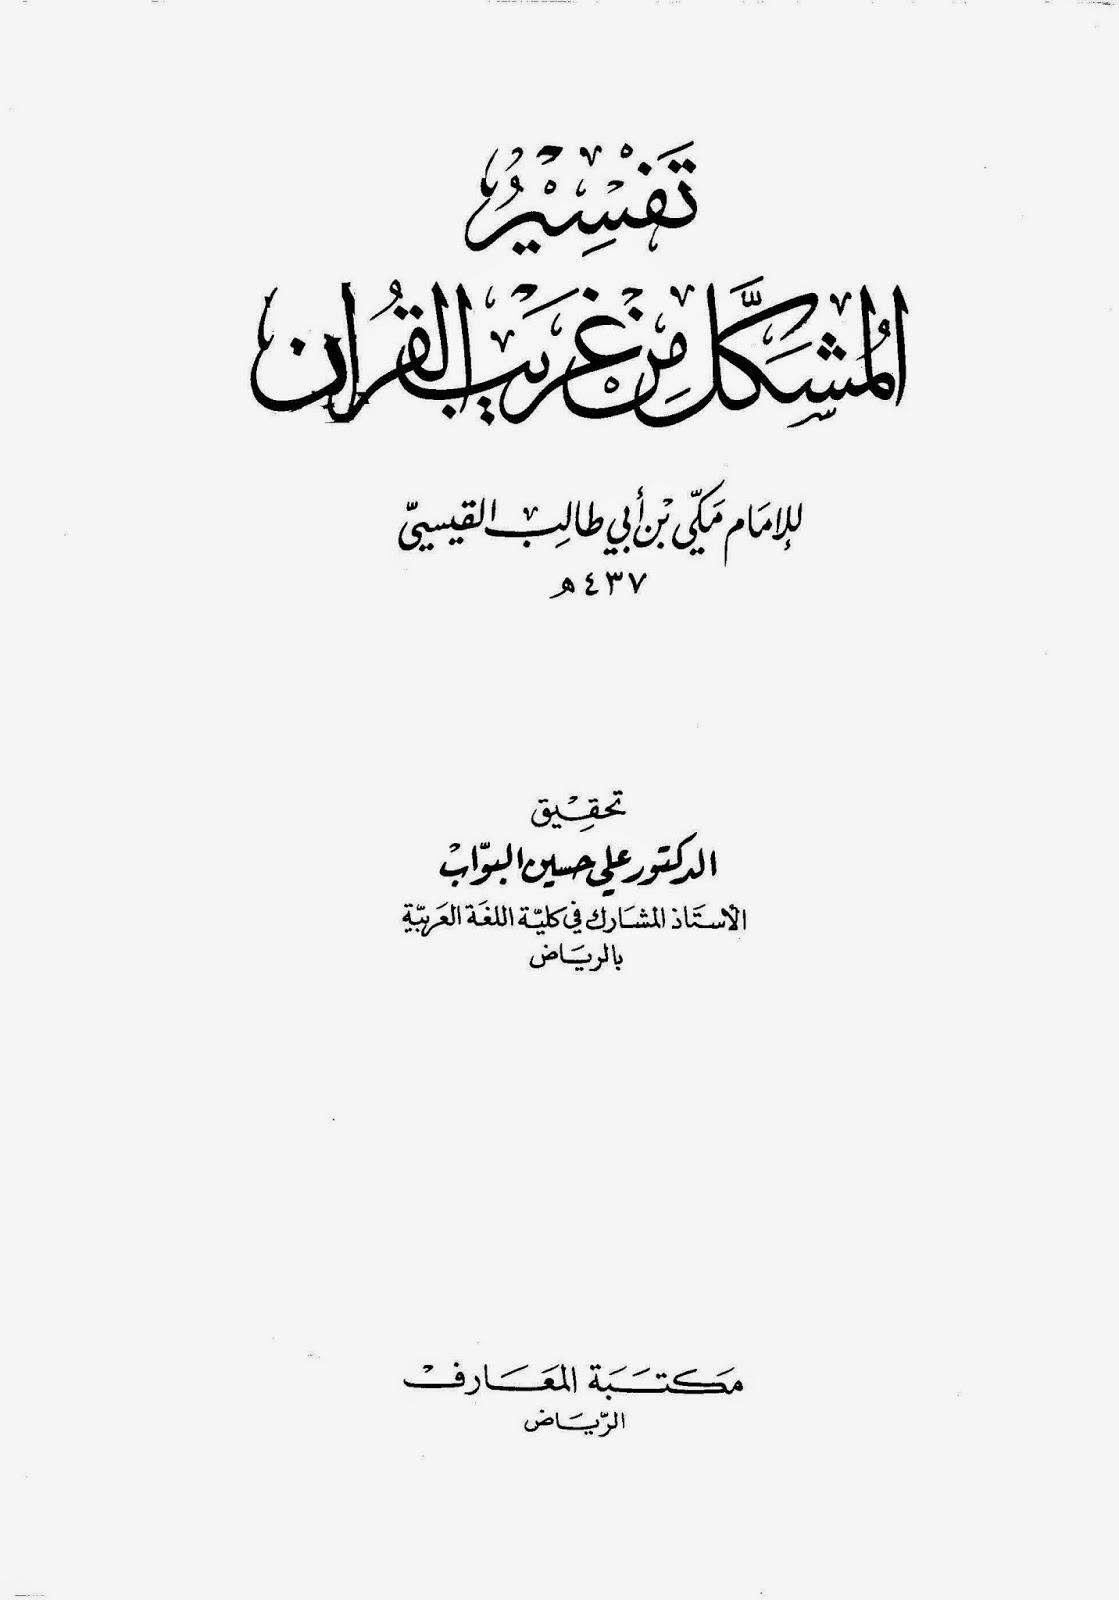 تفسير المشكل من غريب القرآن لـ الإمام مكي بن أبي طالب القيسي